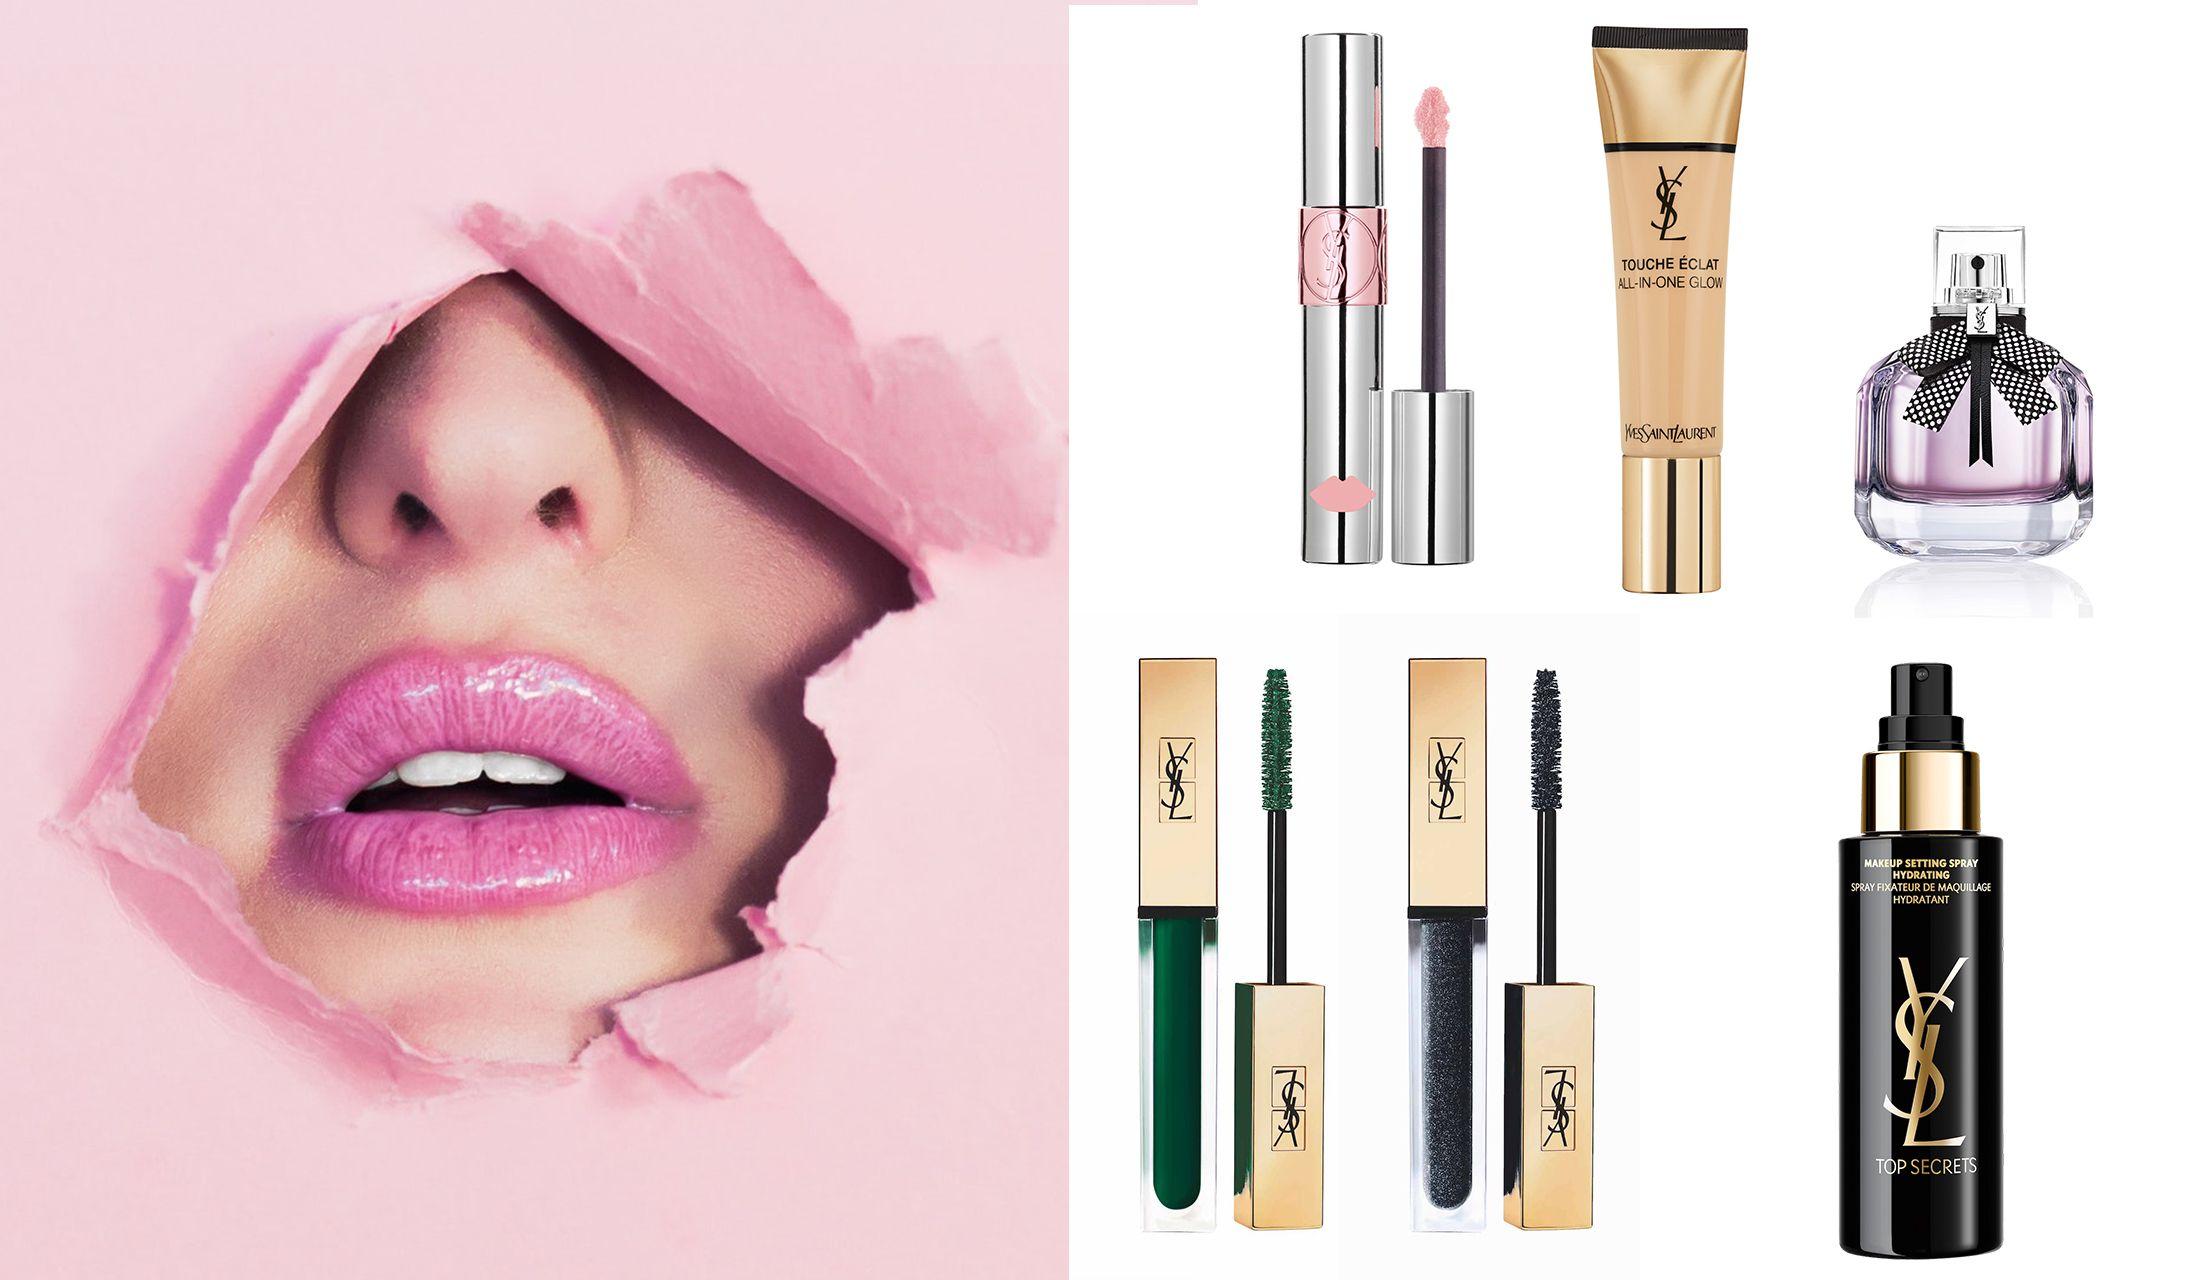 女性の唇とリップカラーとマスカラとファンデーションと香水と化粧水